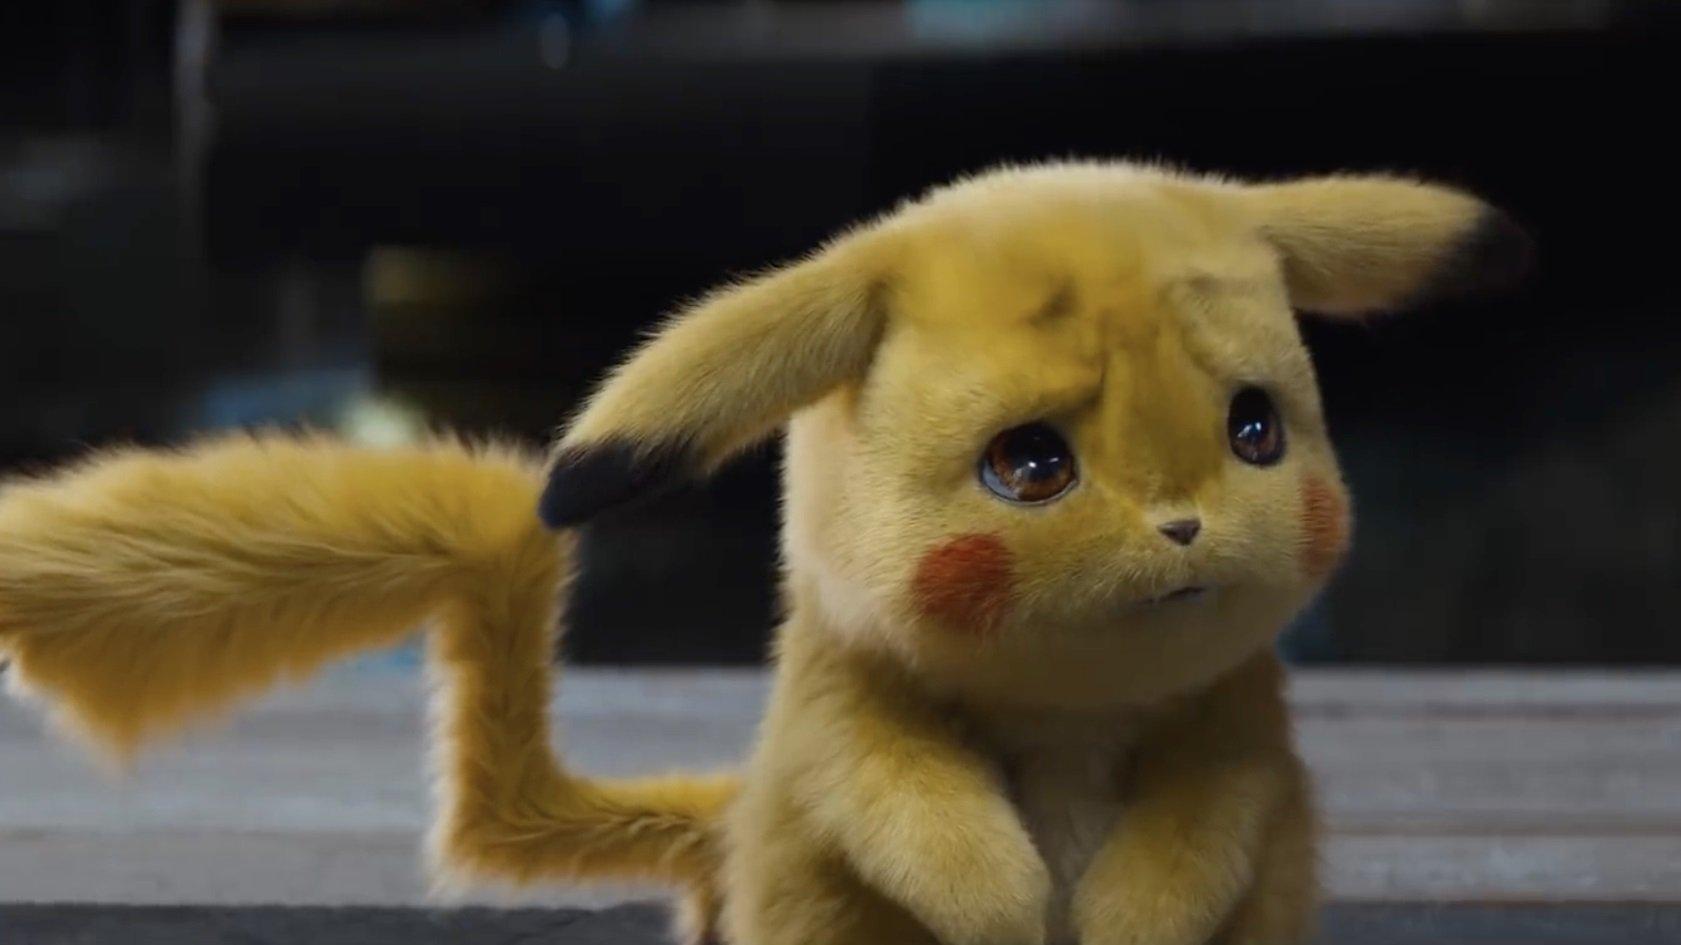 La société Pokémon va vendre la marchandise de l'inspecteur Pikachu